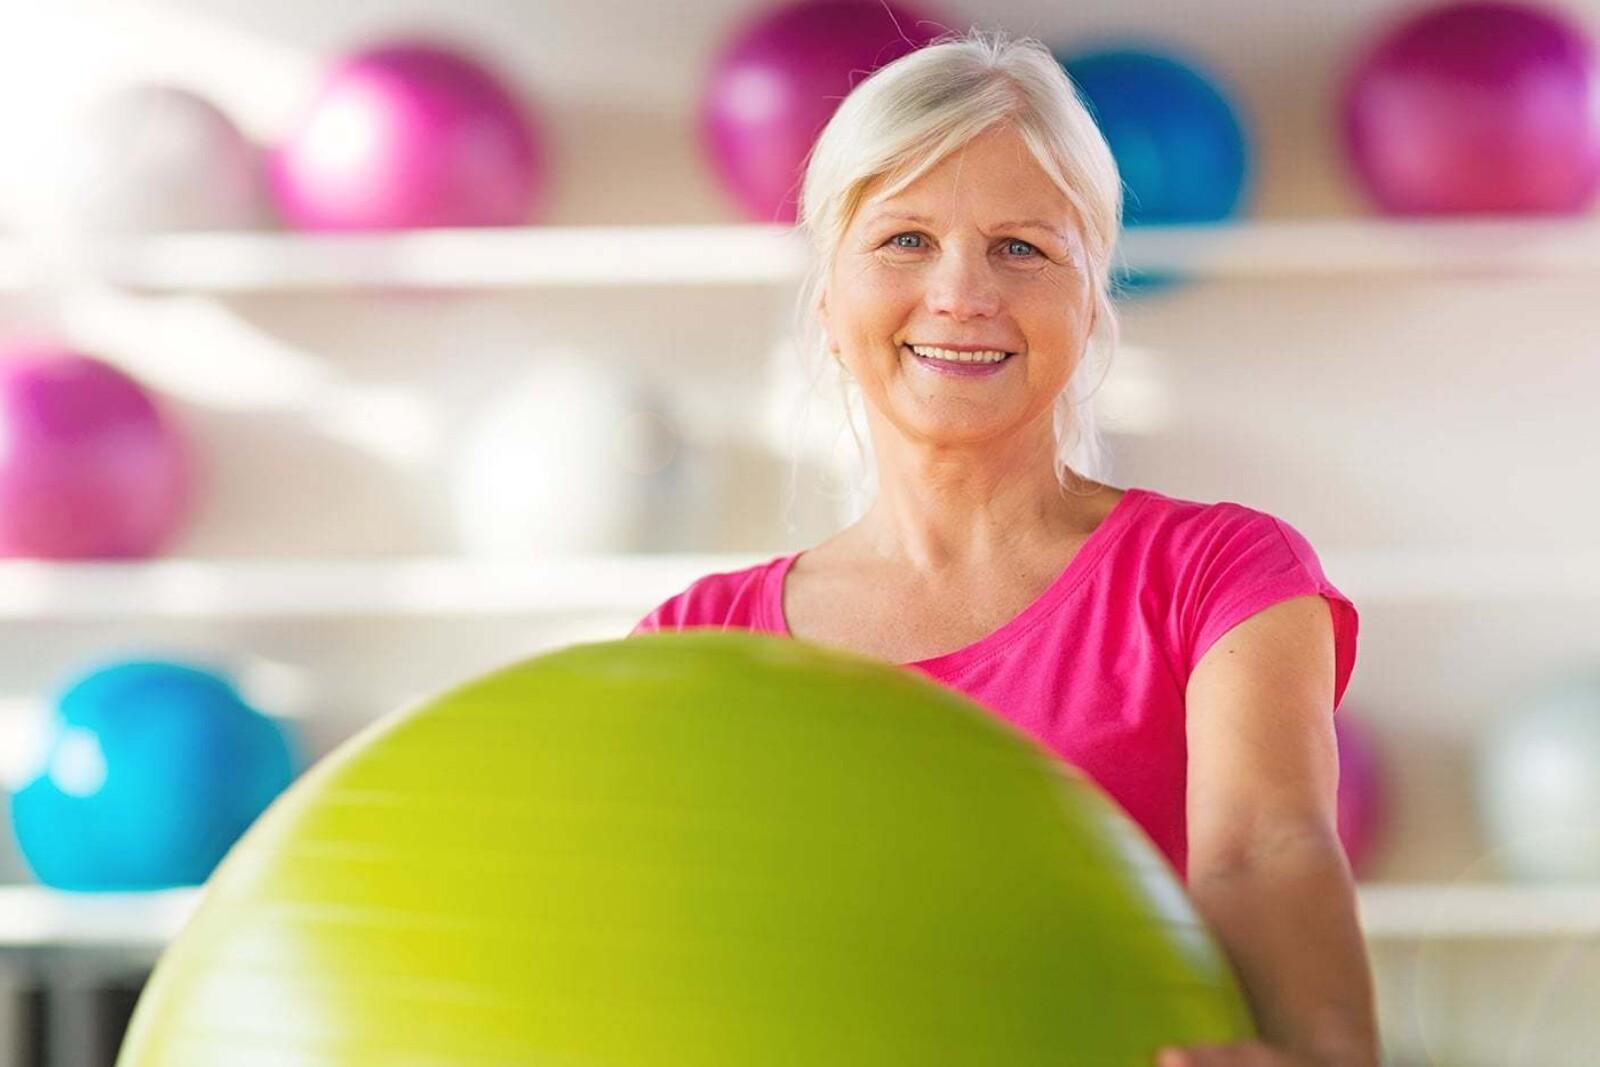 Körper und Gesundheit im Einklang. LadyFit Bamberg - Fitness für Frauen.